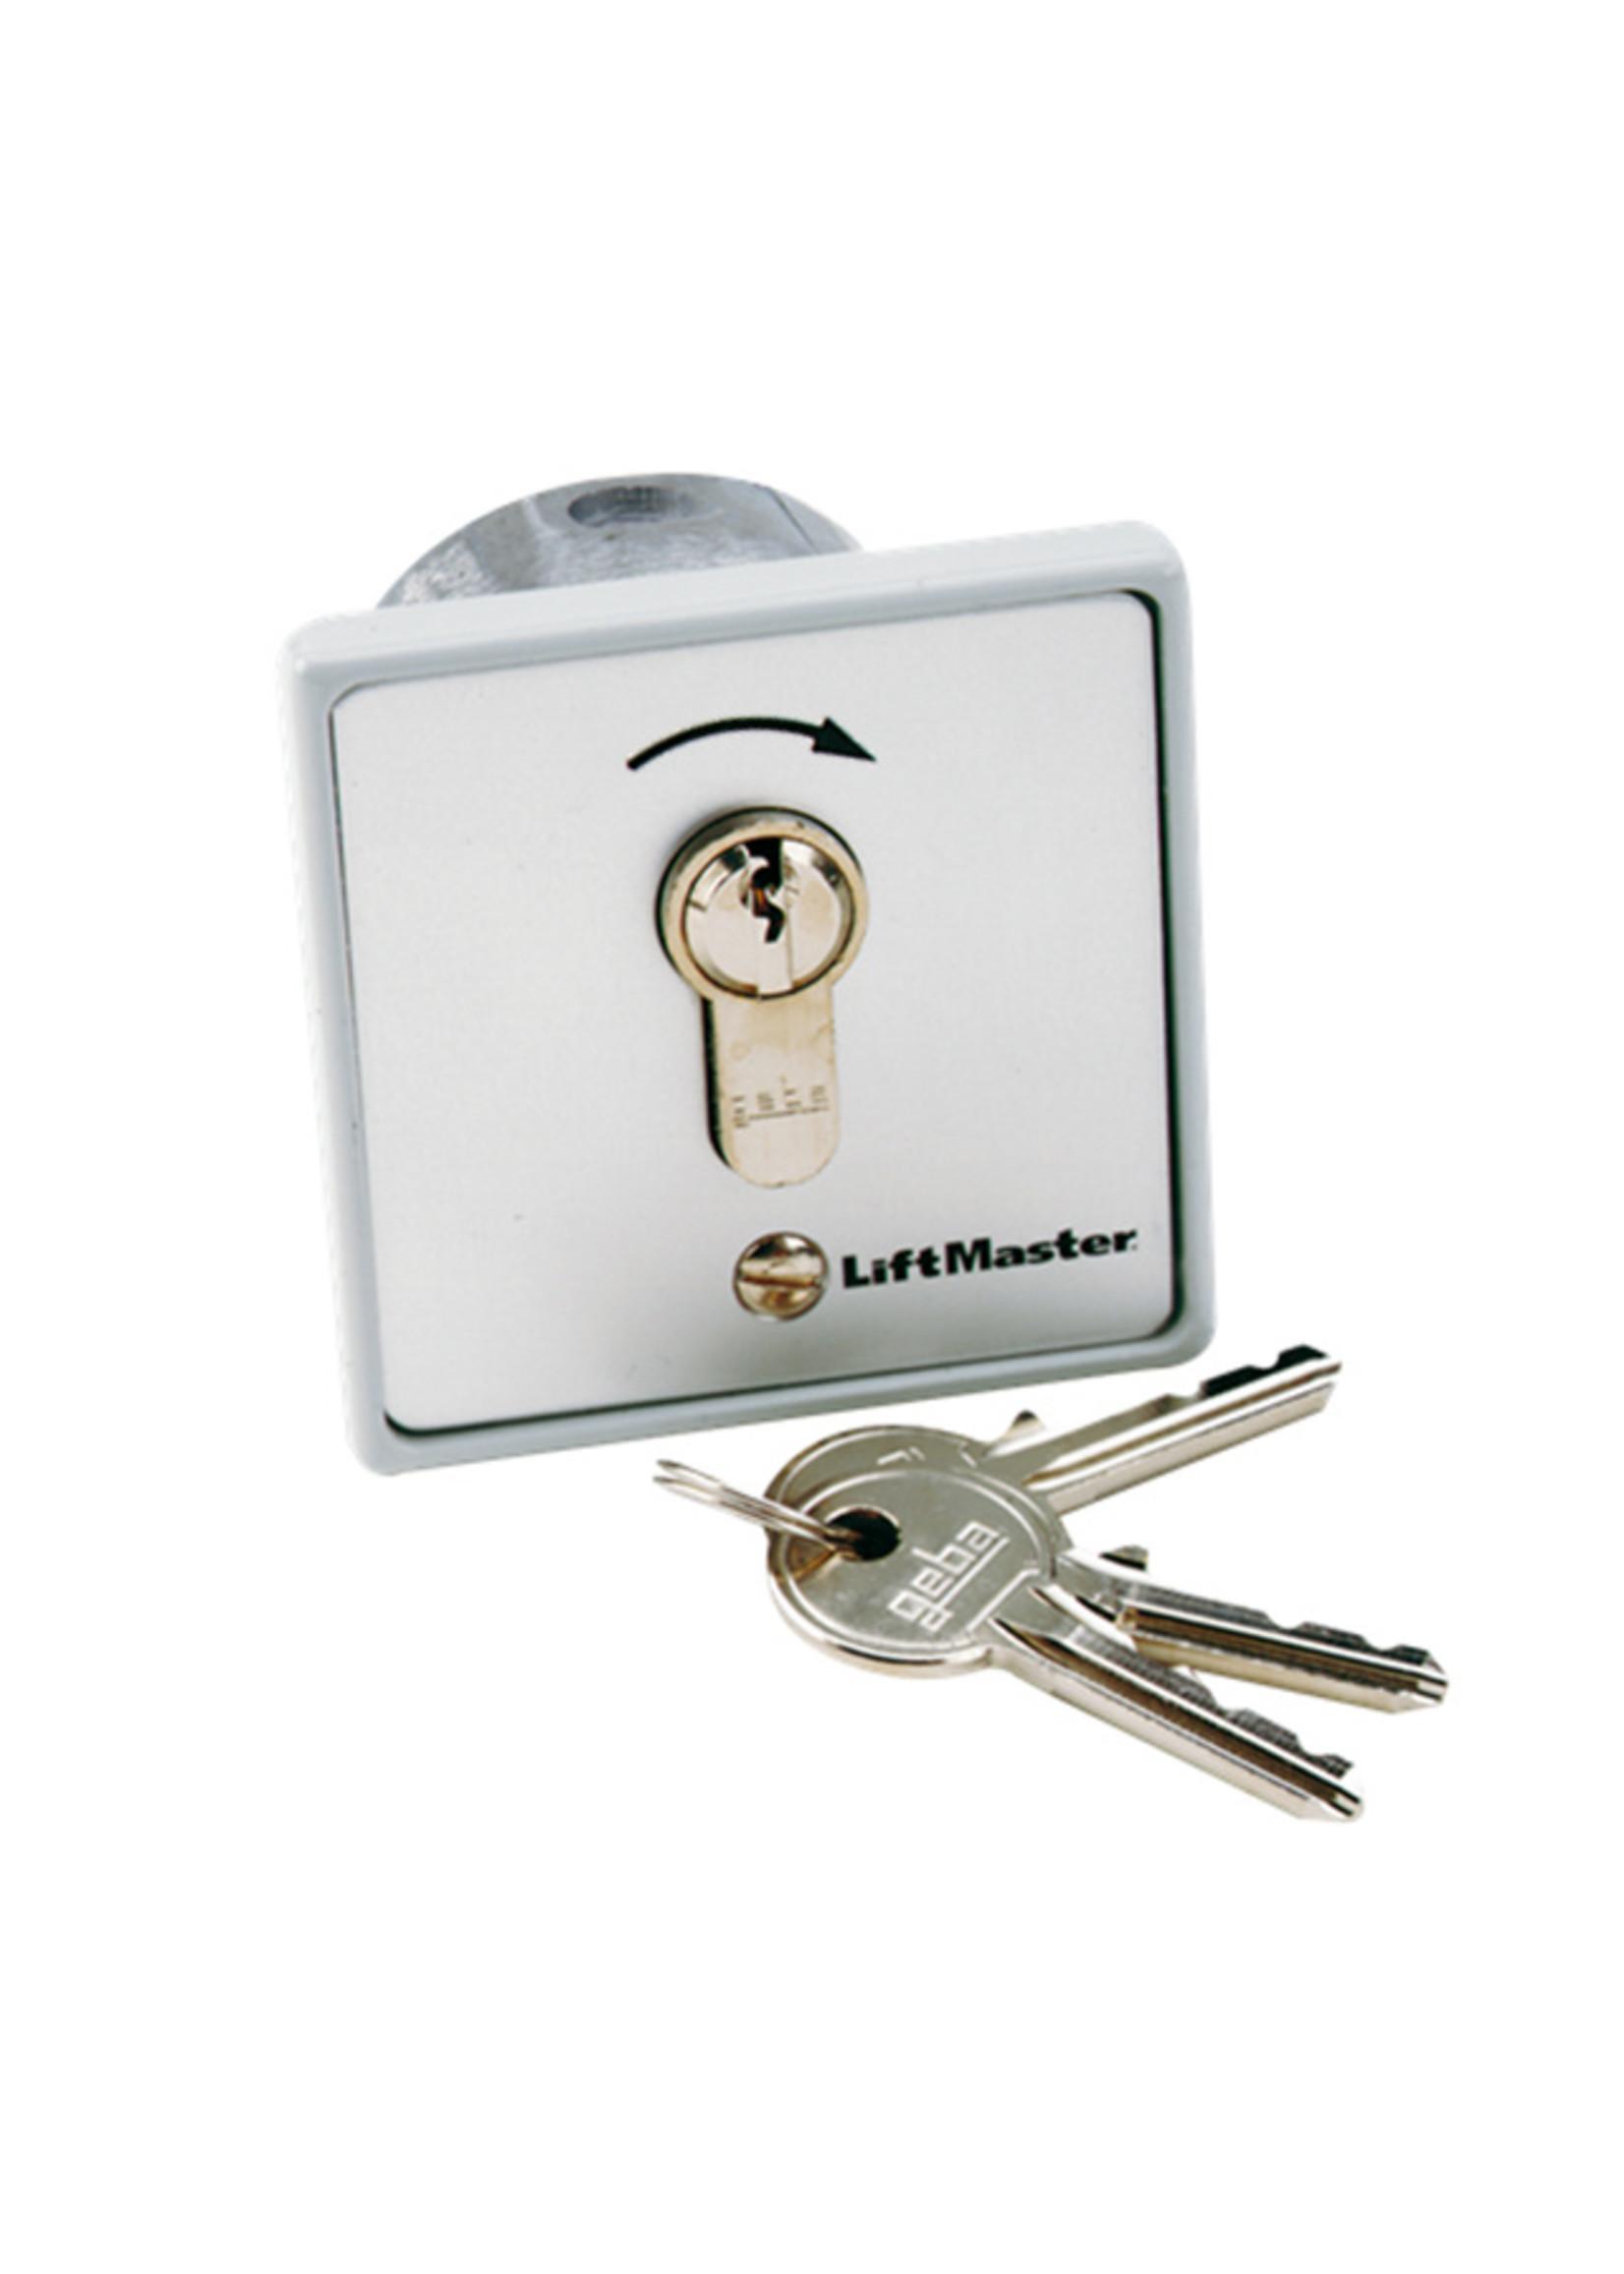 Liftmaster 100010 Contacteur à clé 1 fonctions à encastrer